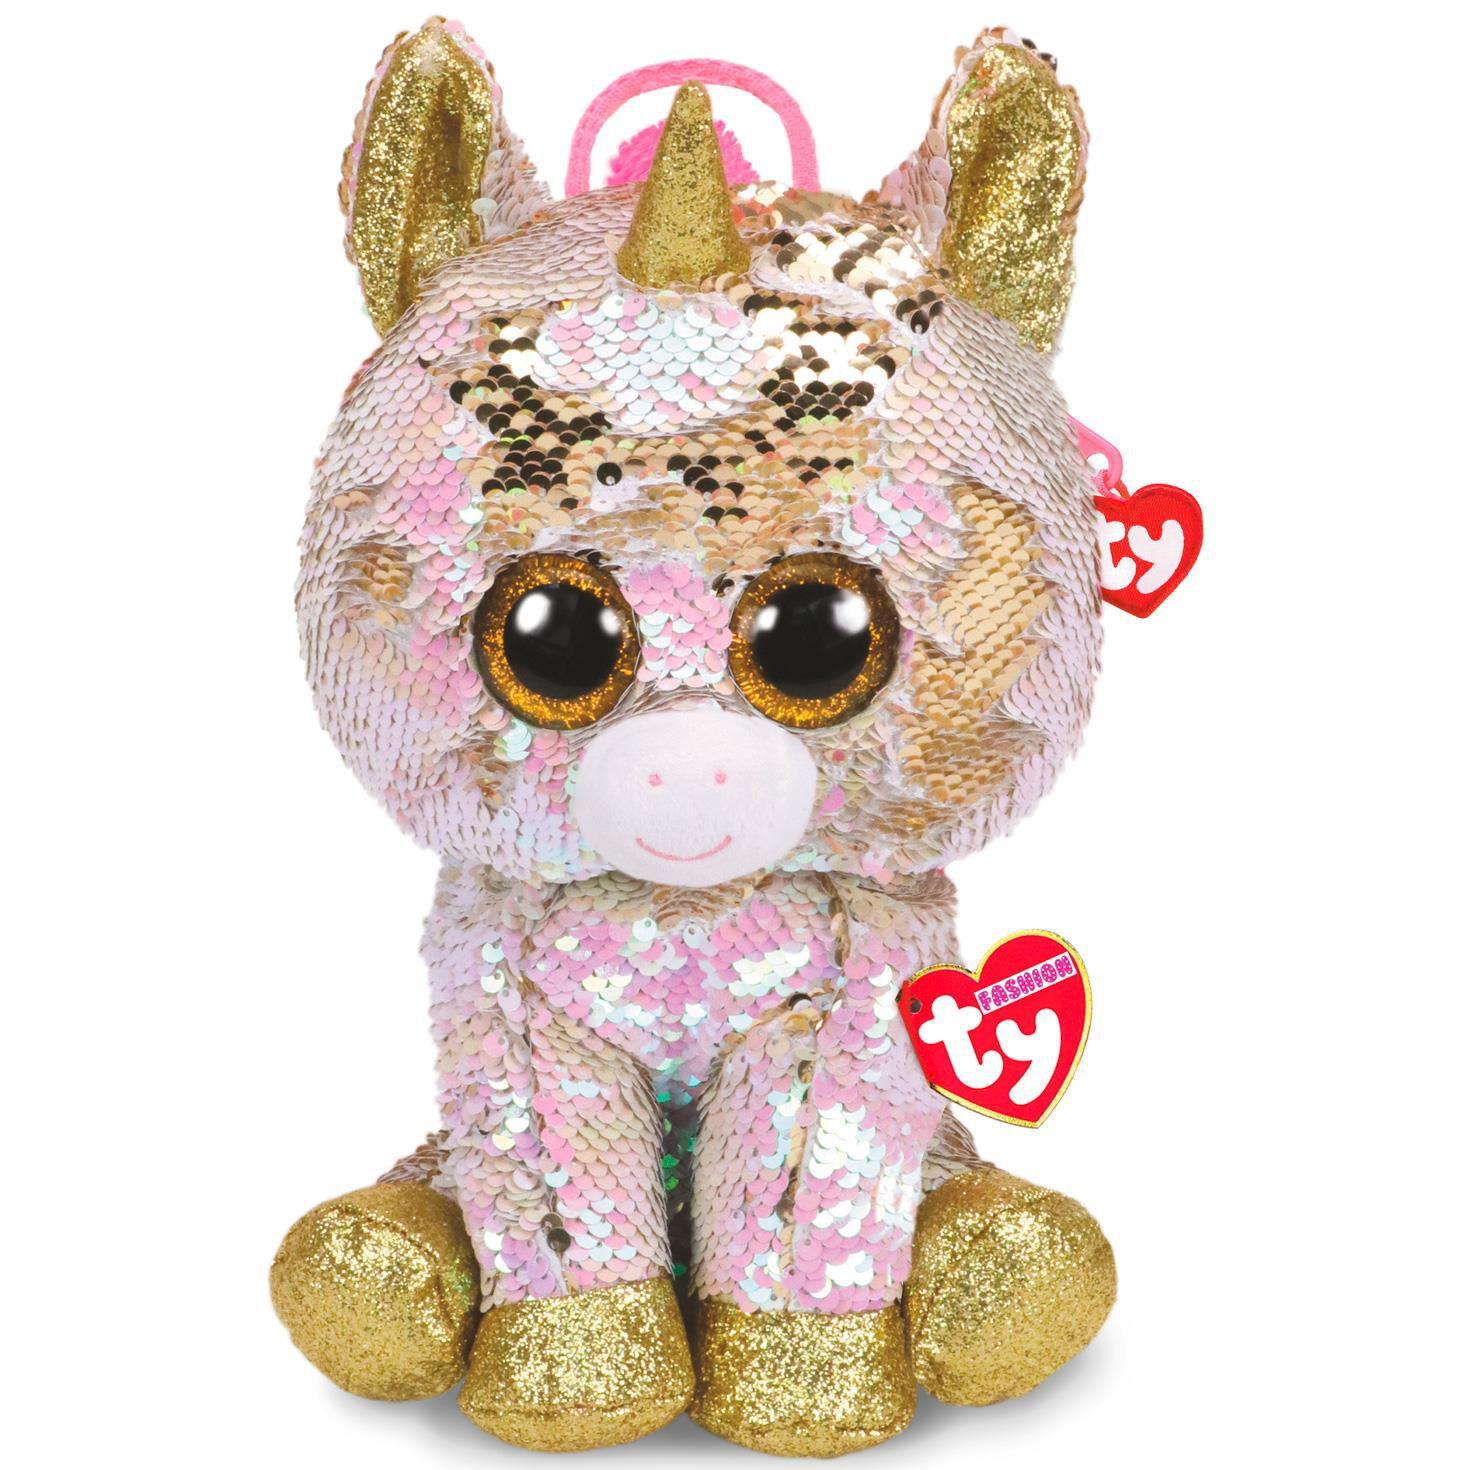 Ty Fashion Fantasia Unicorn Sequin Backpack - Plush Toys - Hallmark 3f01f079d5e